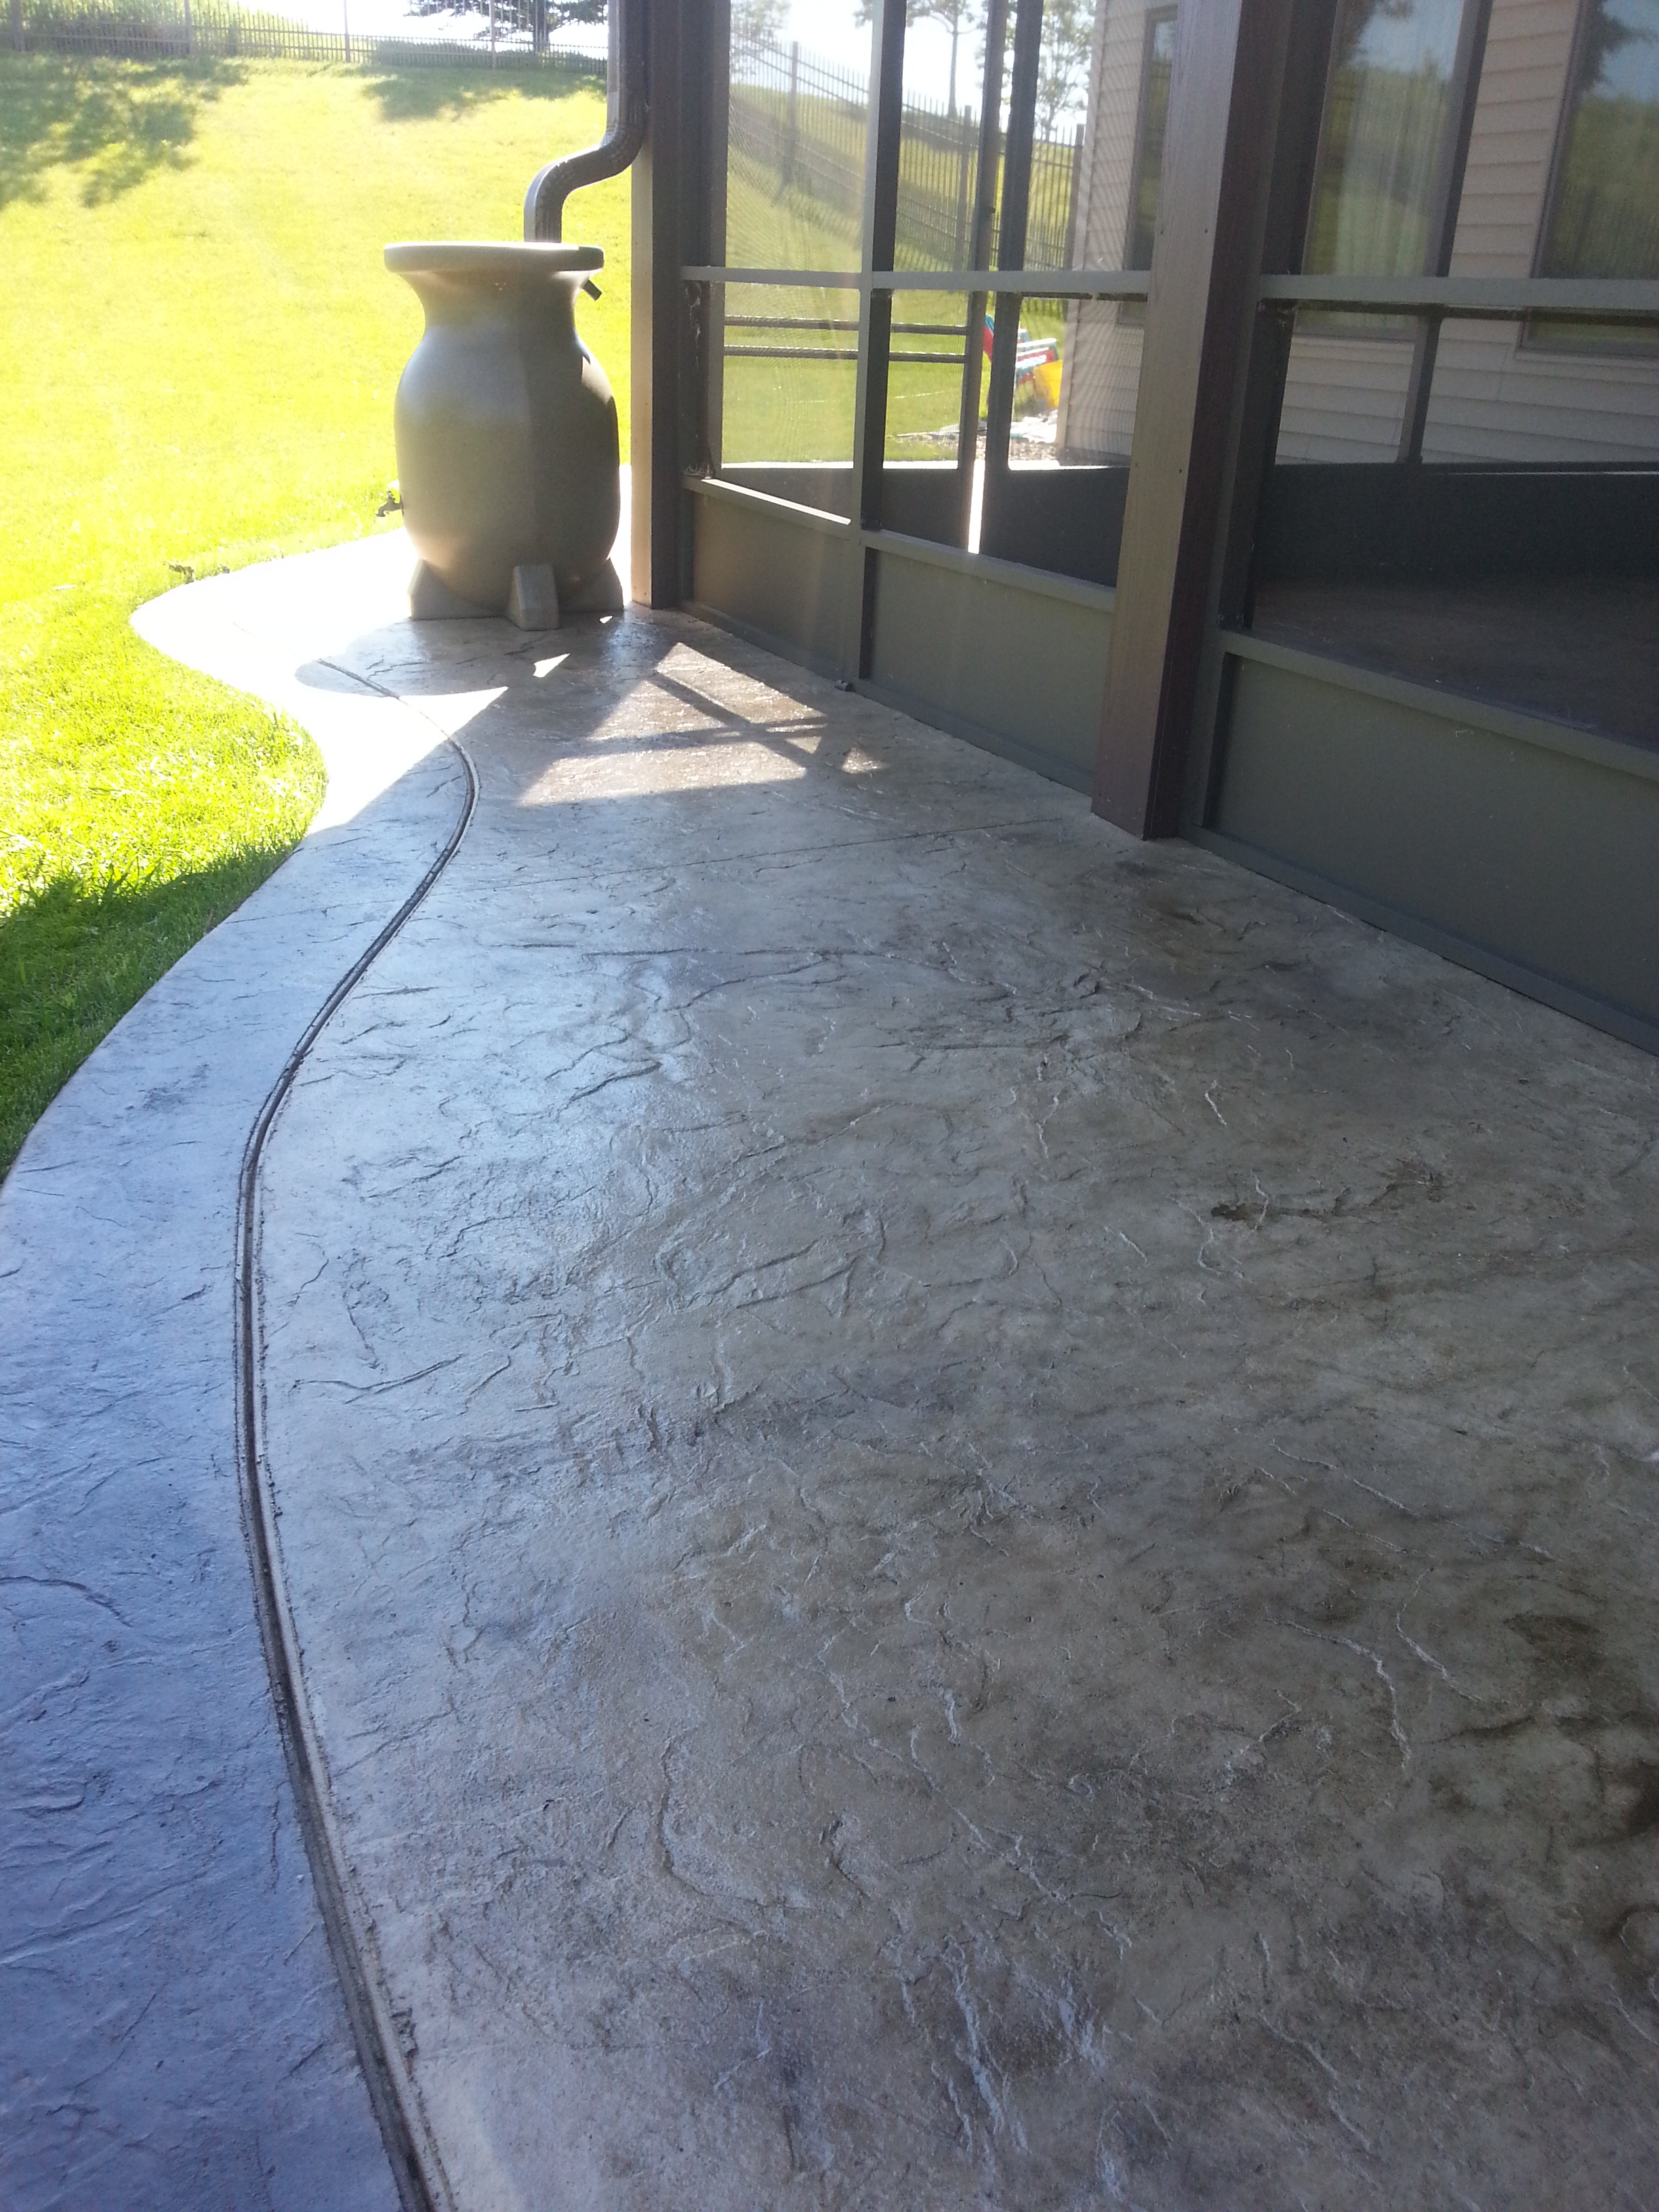 Gallery Oelke Concrete